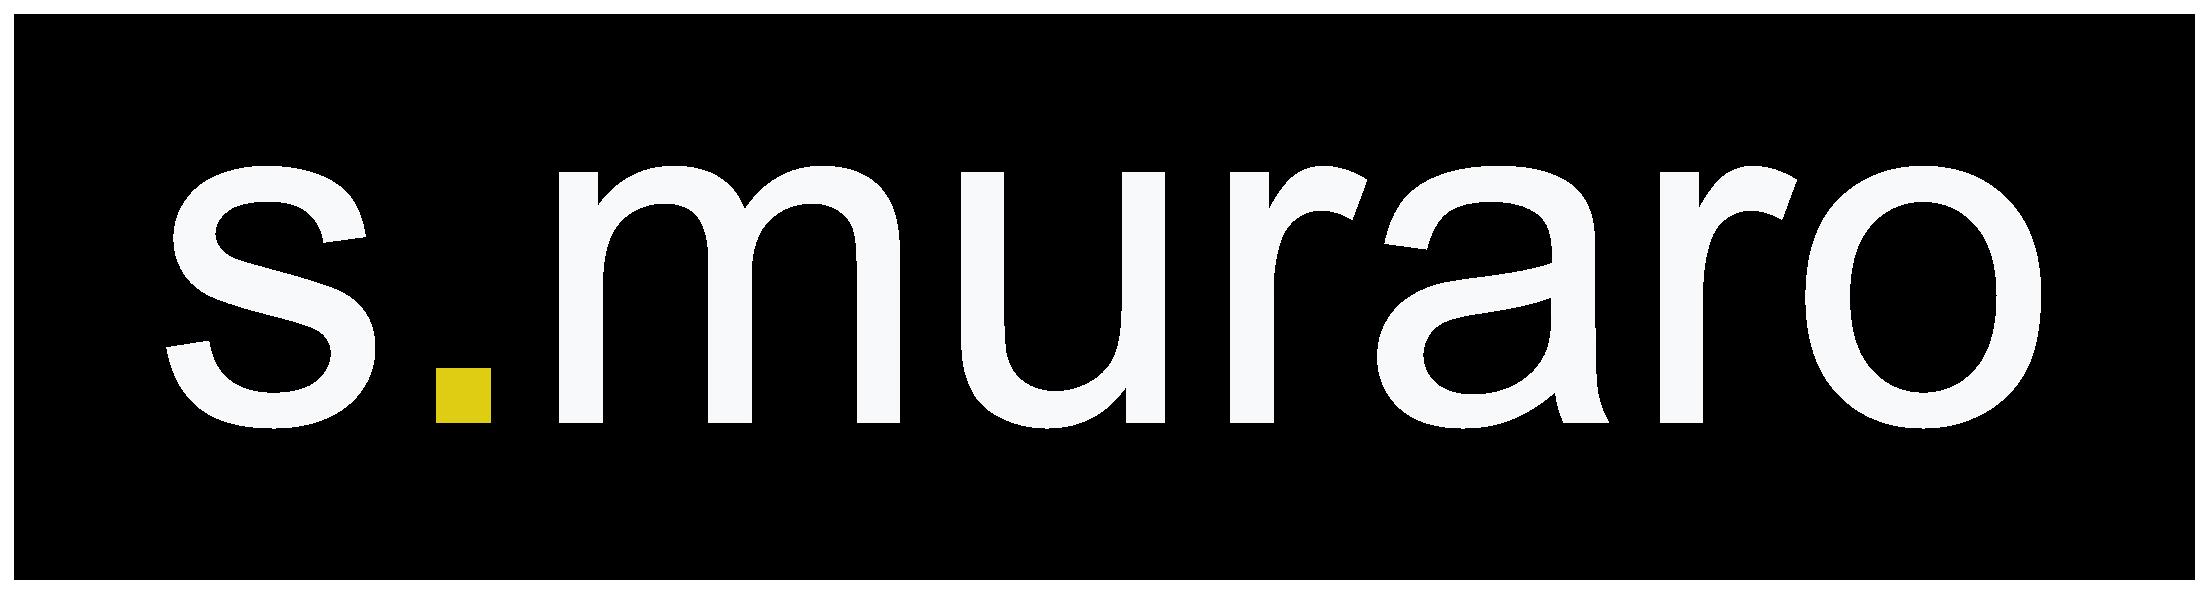 S. Muraro | Advocacia